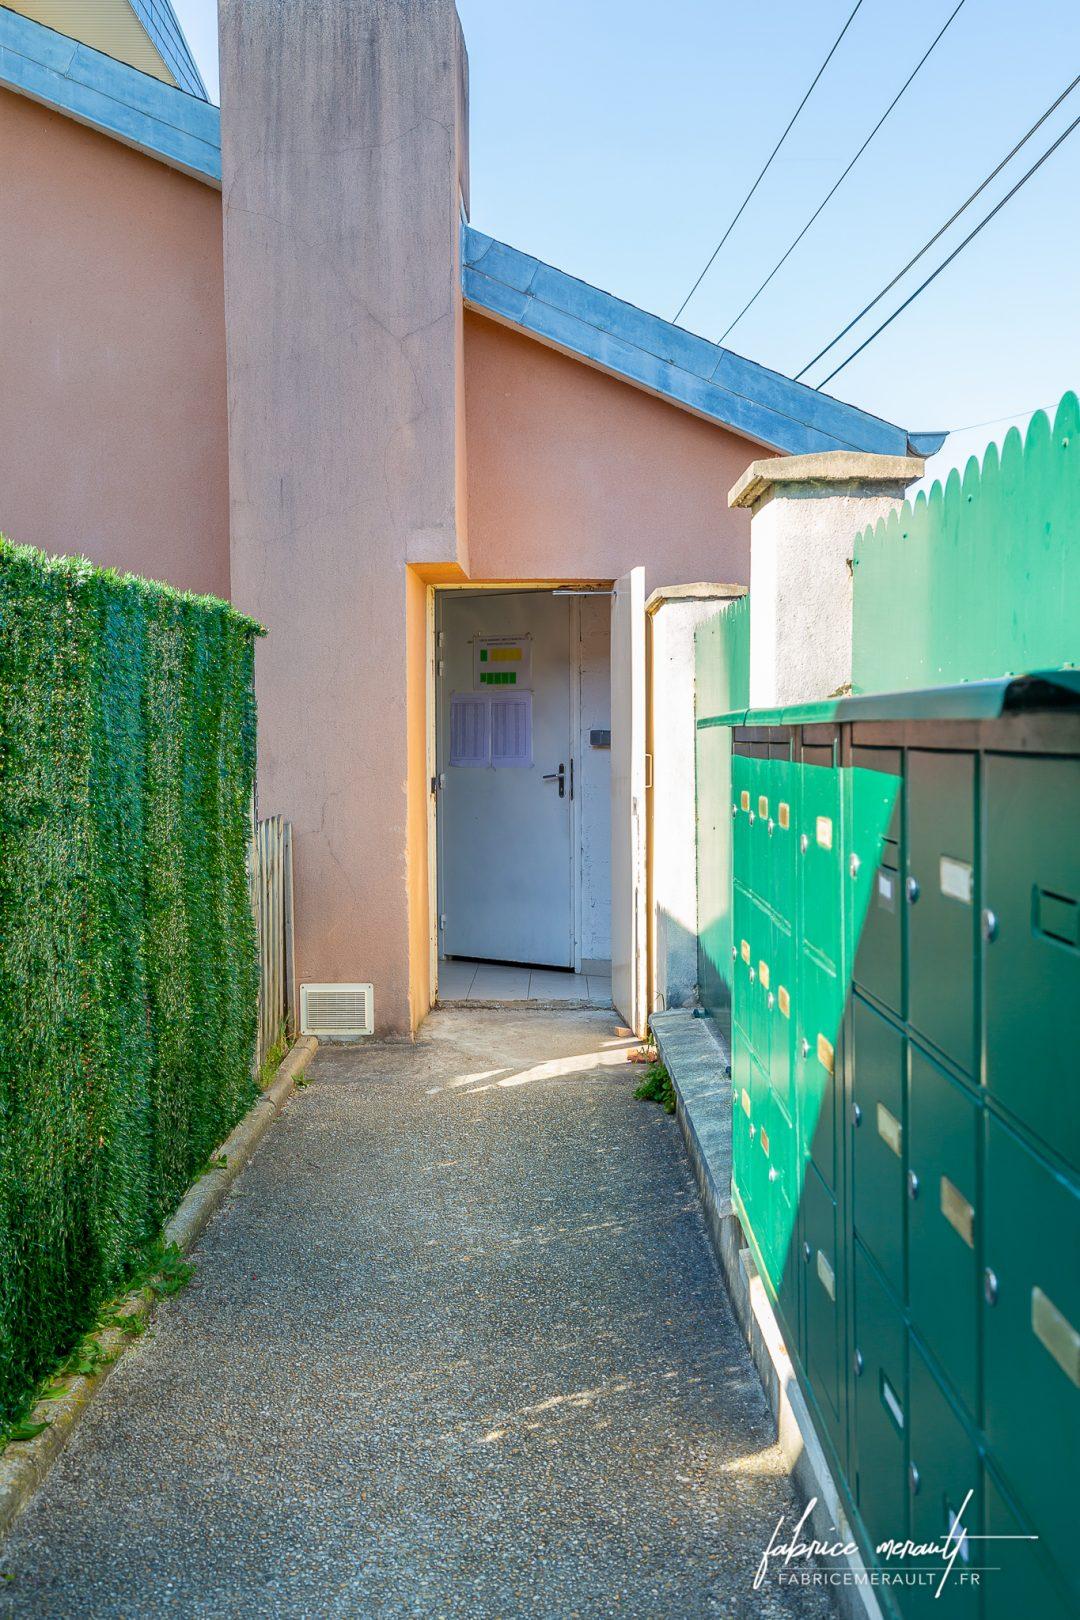 Photographie immobilière - Local poubelles